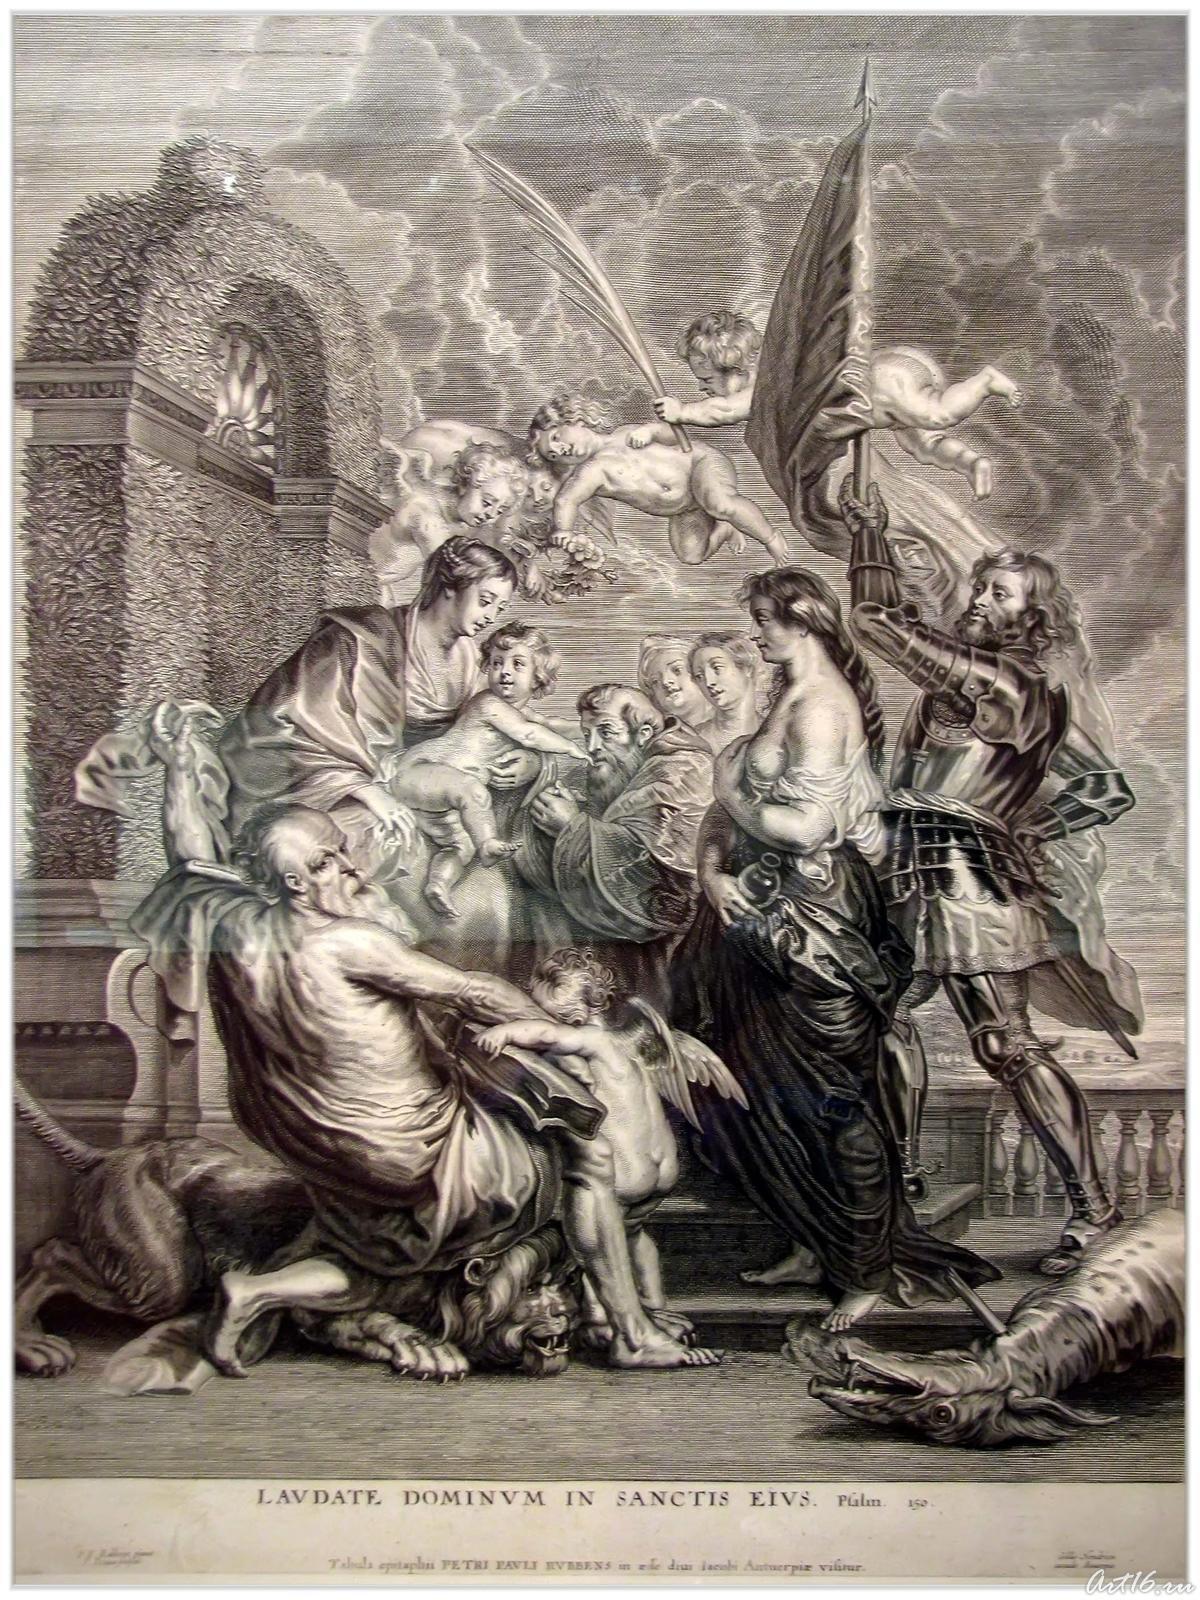 Фото №55754. Мадонна с младенцем и святыми (Св.Георгий), после 1635